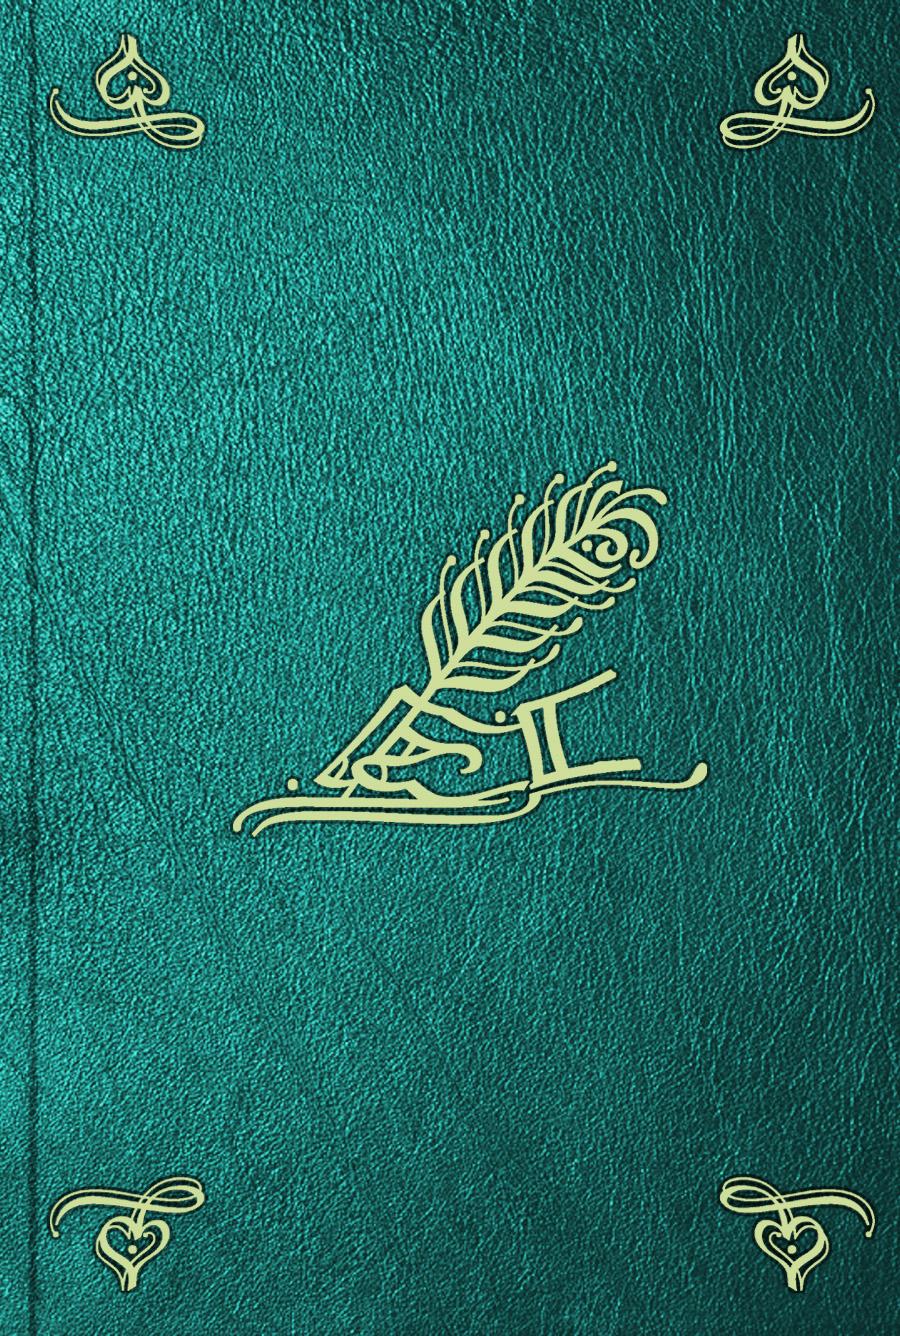 Comte de Buffon Georges Louis Leclerc Histoire naturelle. T. 12. Oiseaux comte de buffon georges louis leclerc histoire naturelle t 8 oiseaux